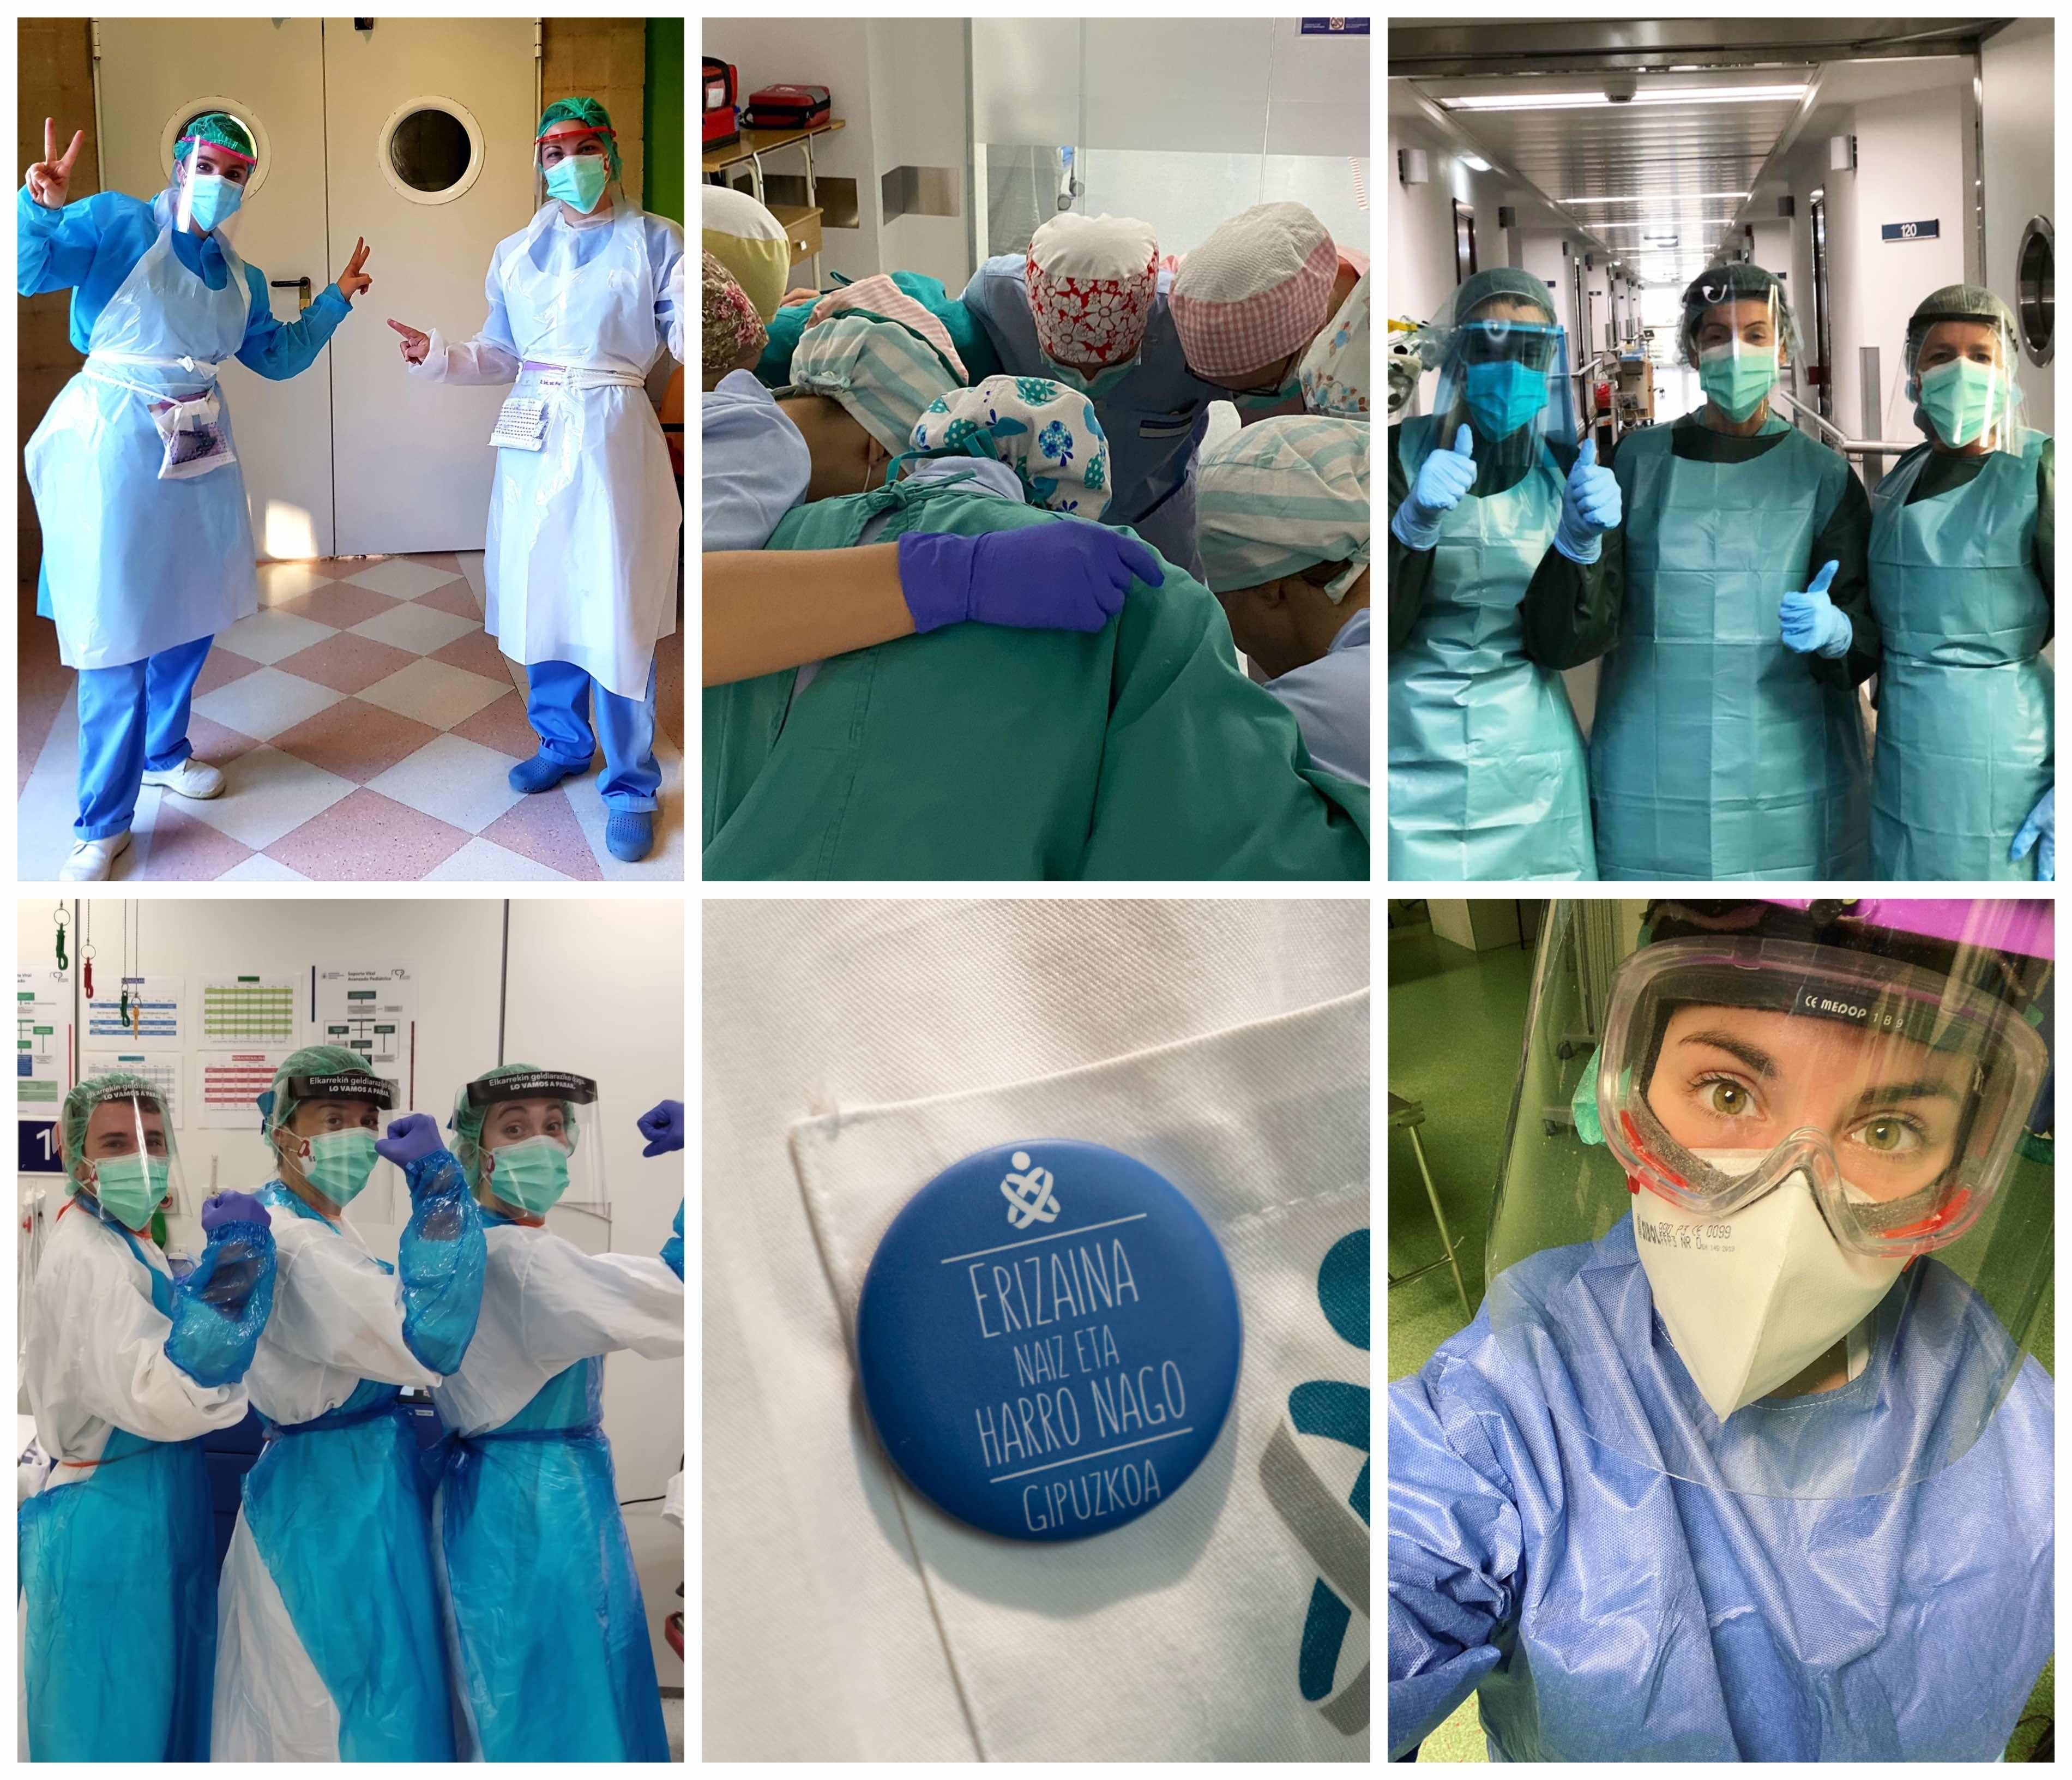 Más de 5.200 enfermeras conmemoran en Gipuzkoa el próximo martes el Día Internacional de la profesión